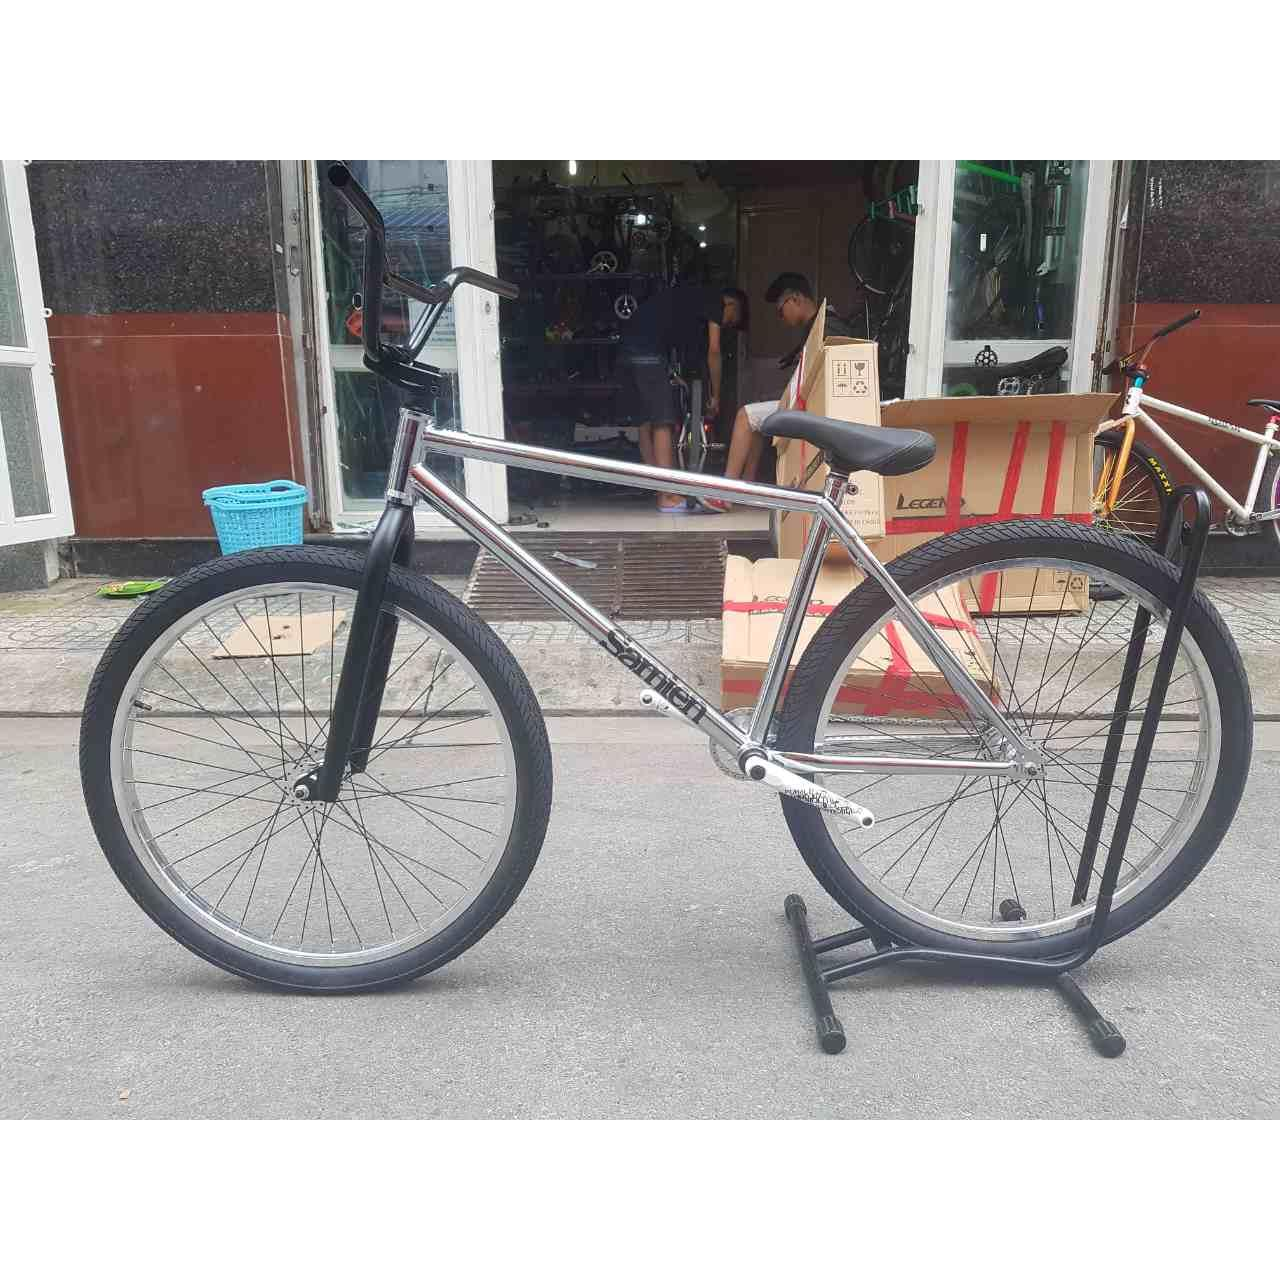 Xe đạp FGFS Samten size 41 - Crom